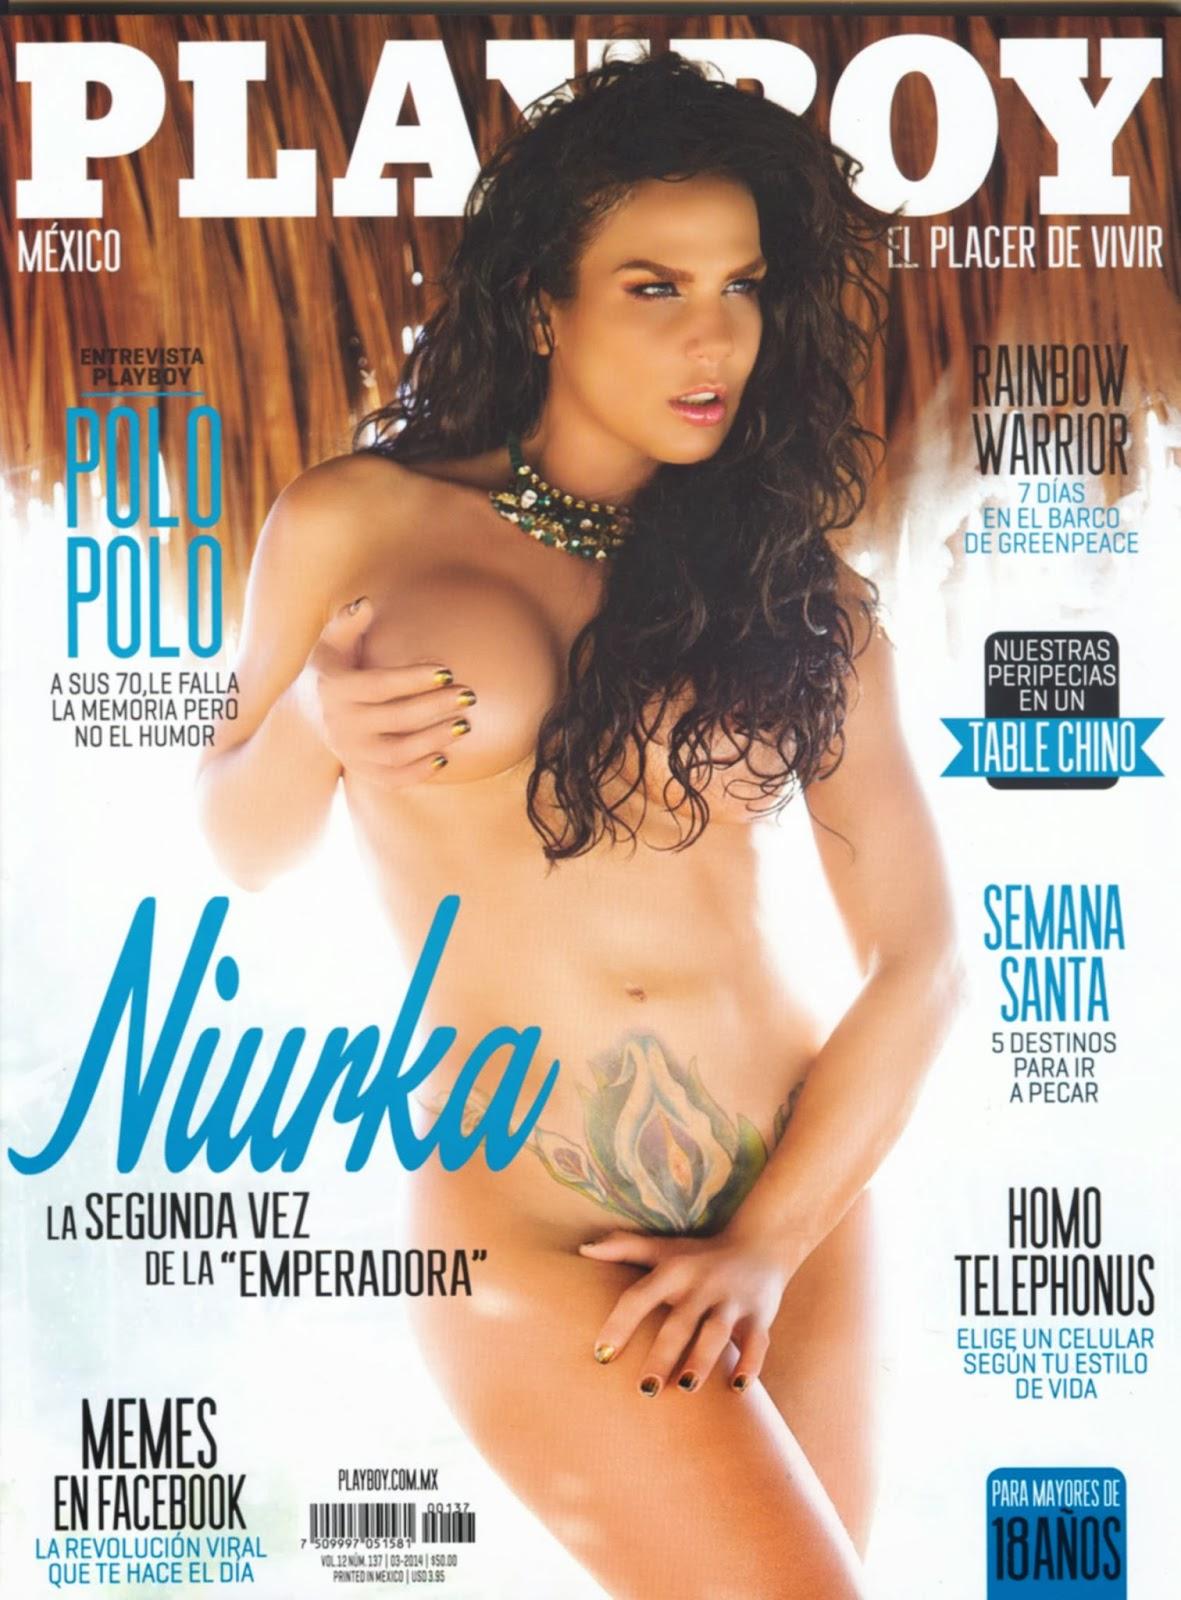 Fotos de lindsay lohan desnuda sin censura, los